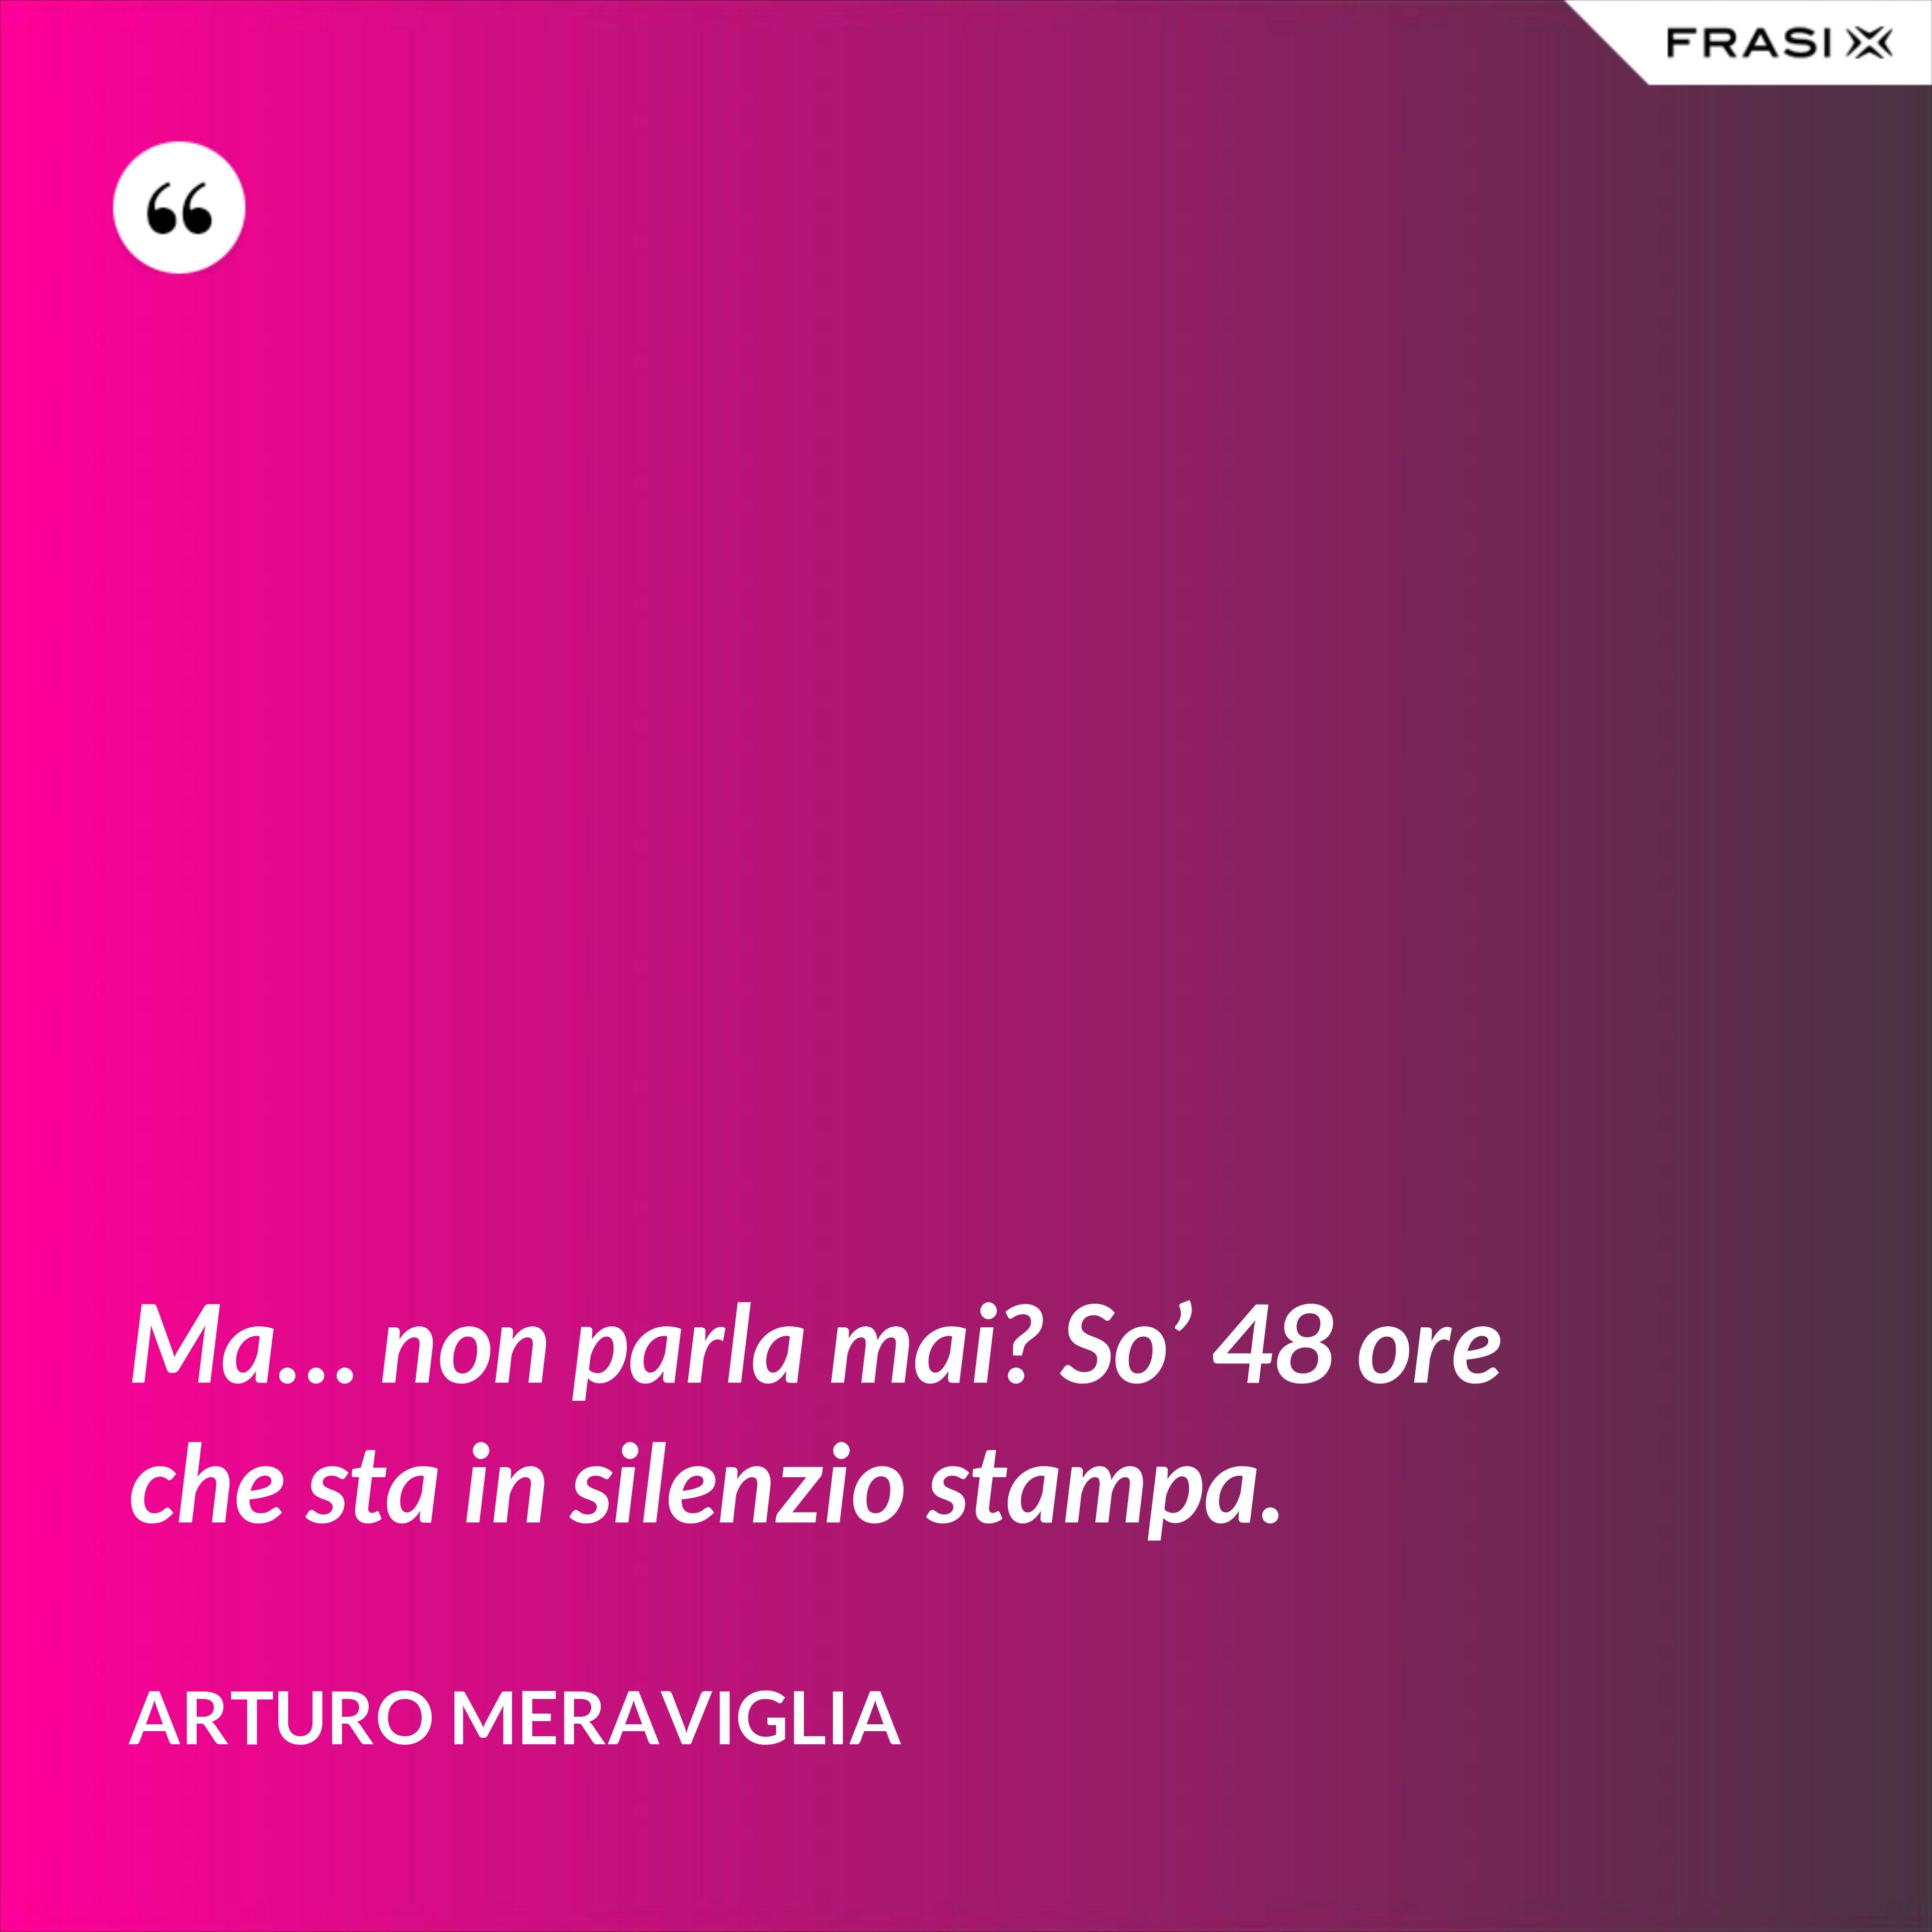 Ma… non parla mai? So' 48 ore che sta in silenzio stampa. - Arturo Meraviglia